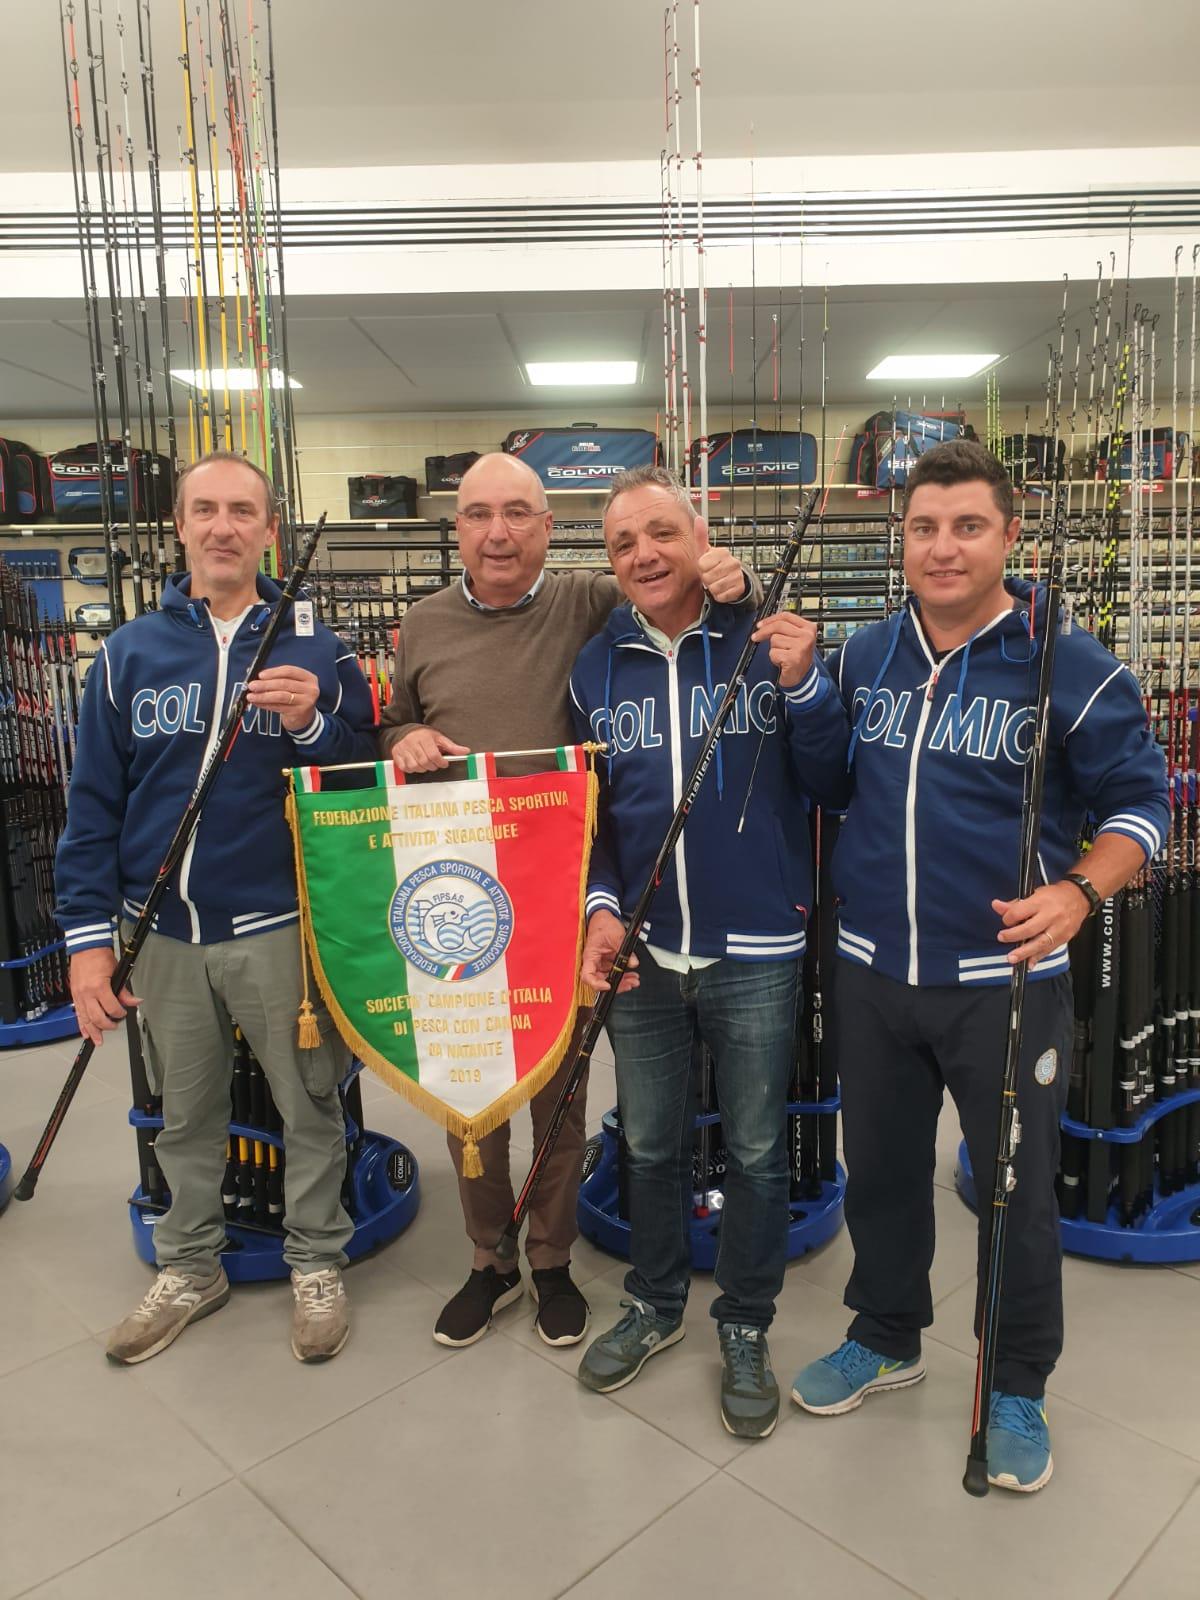 Patron Collini Andrea con la squadra Campione d'Italia 2019 Cabnna da natante OLTRARNO COLMIC Meloni/Plazzi/salvatori